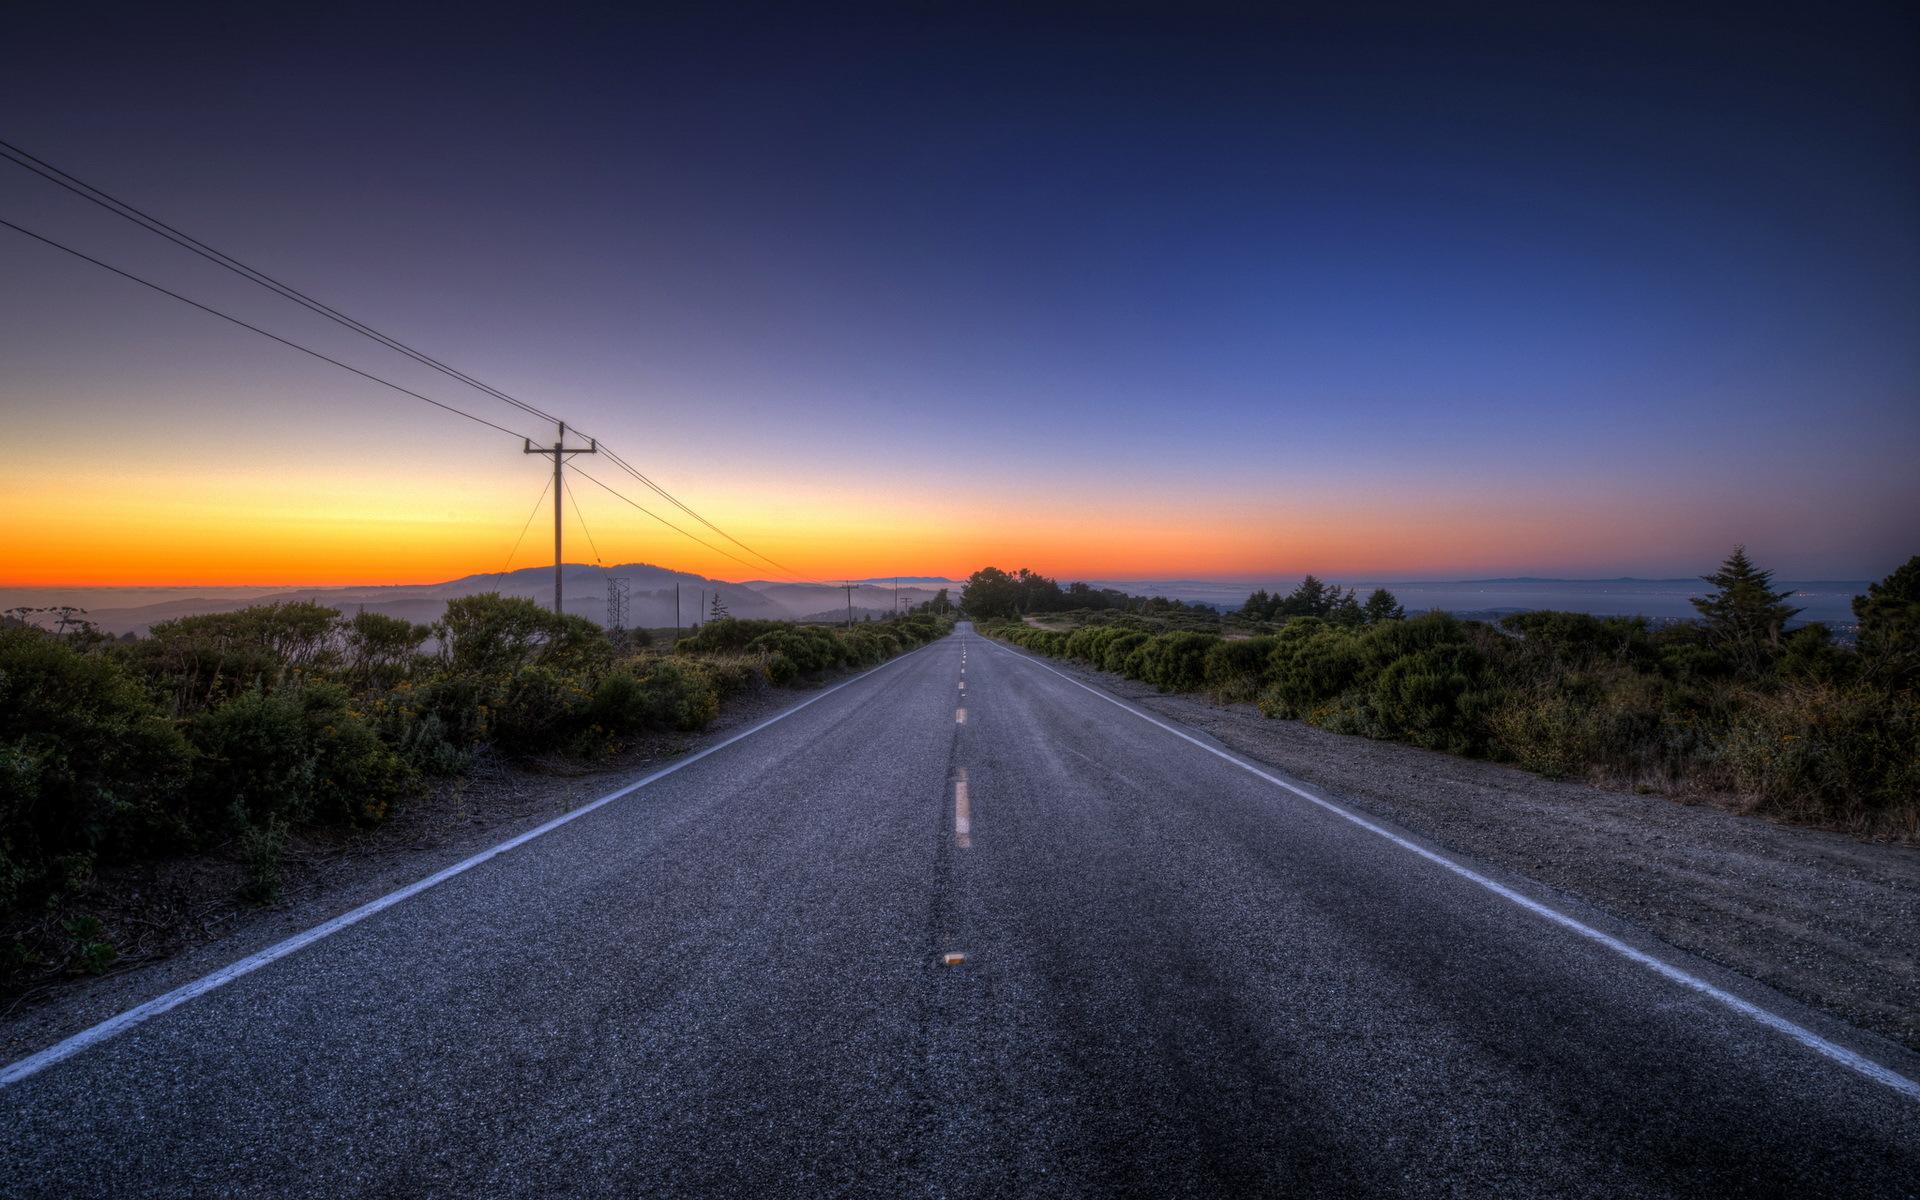 Sunset Road Landscape G Wallpaper 1920x1200 148889 Wallpaperup